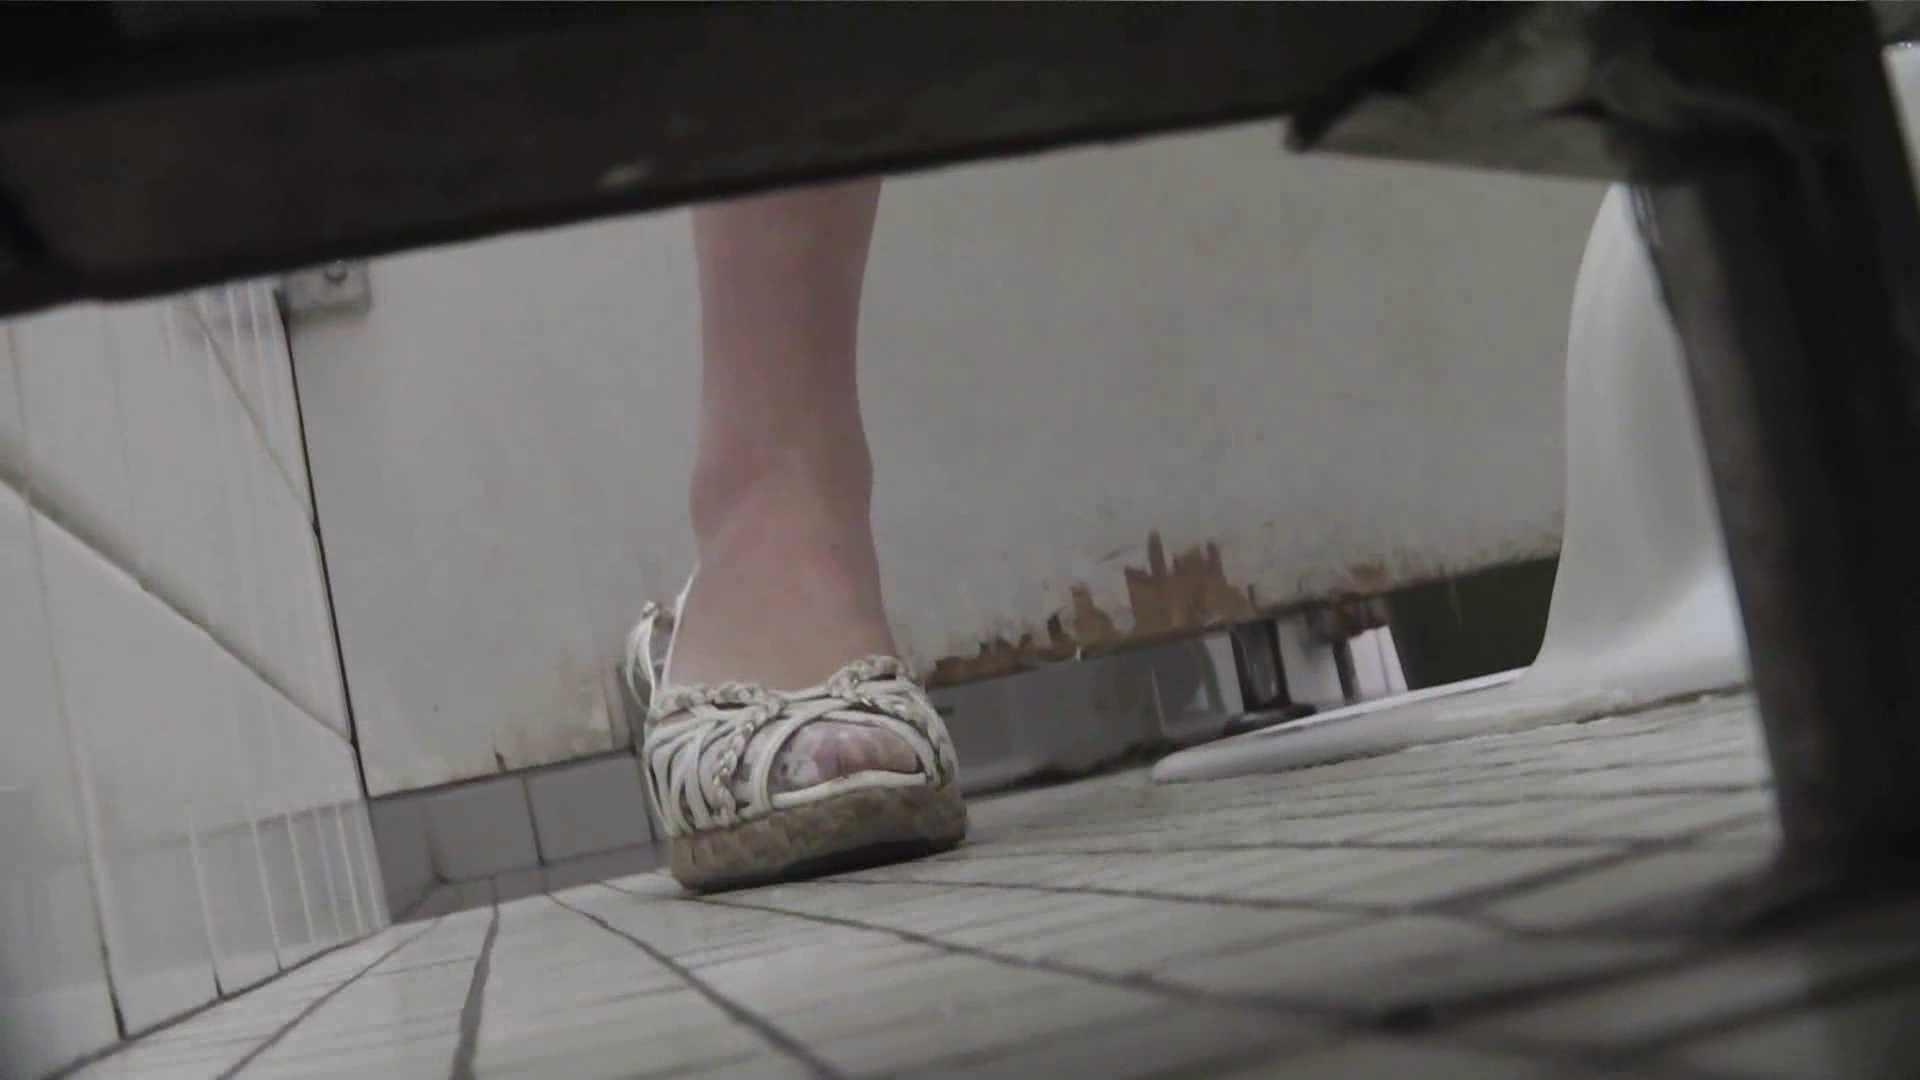 【美しき個室な世界】 vol.023 めんこい人たち 洗面所  100pic 14